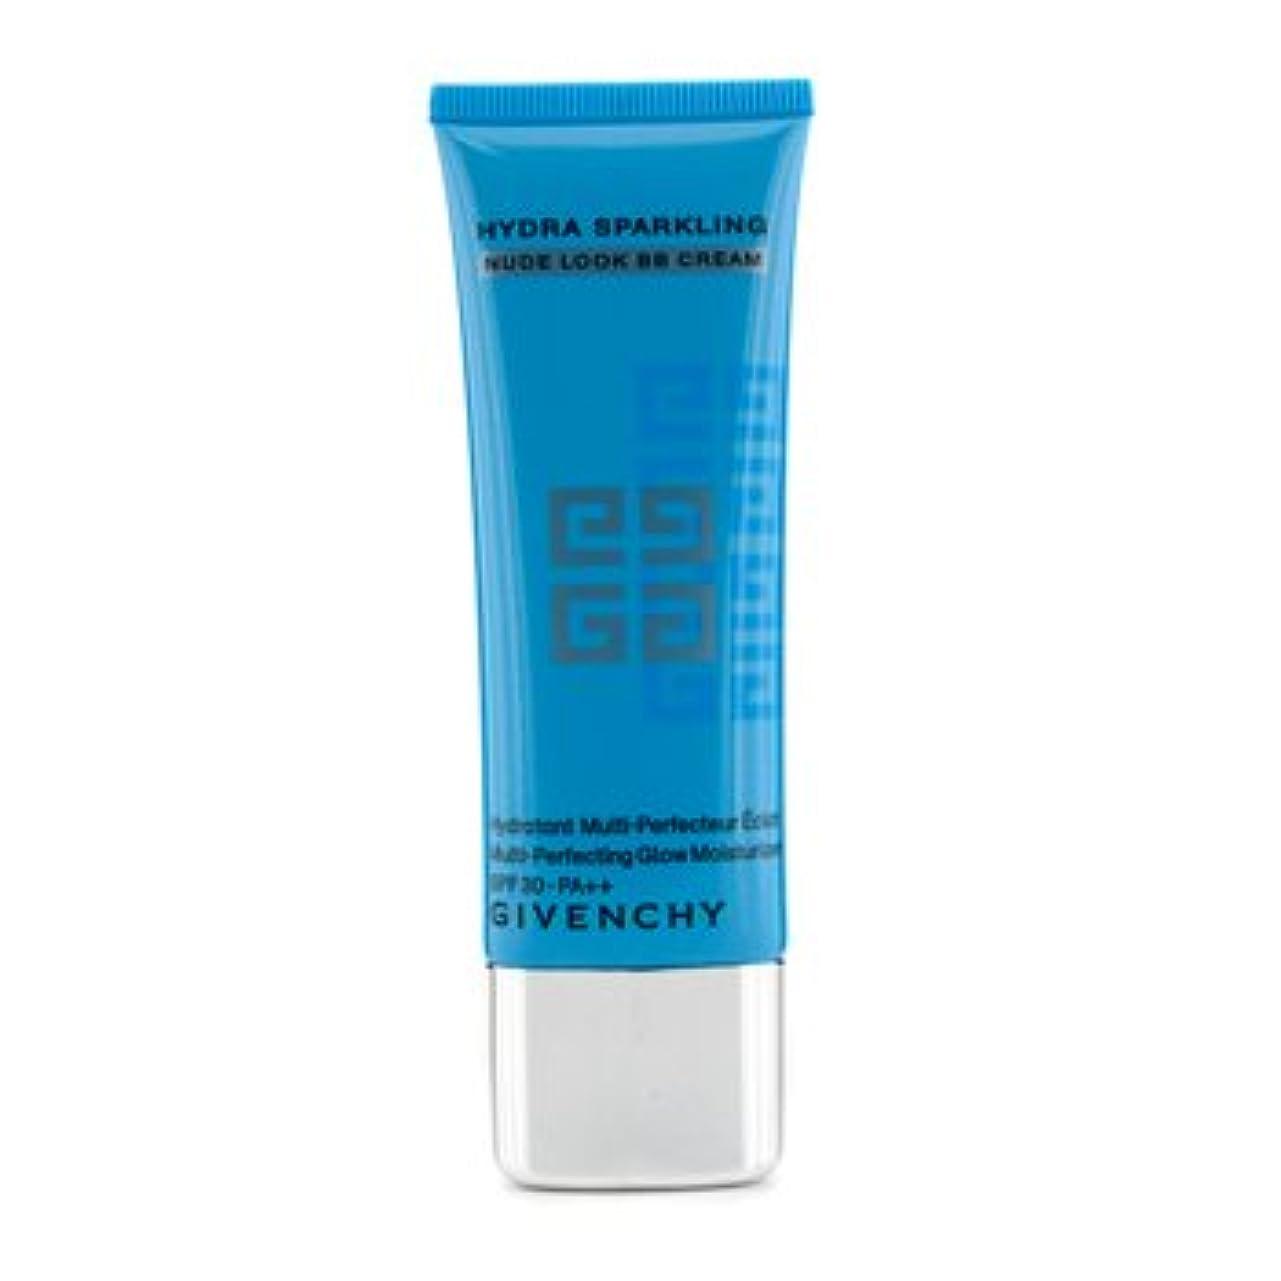 加害者コンドーム素朴な[Givenchy] Nude Look BB Cream Multi-Perfecting Glow Moisturizer SPF 30 PA++ 40ml/1.35oz